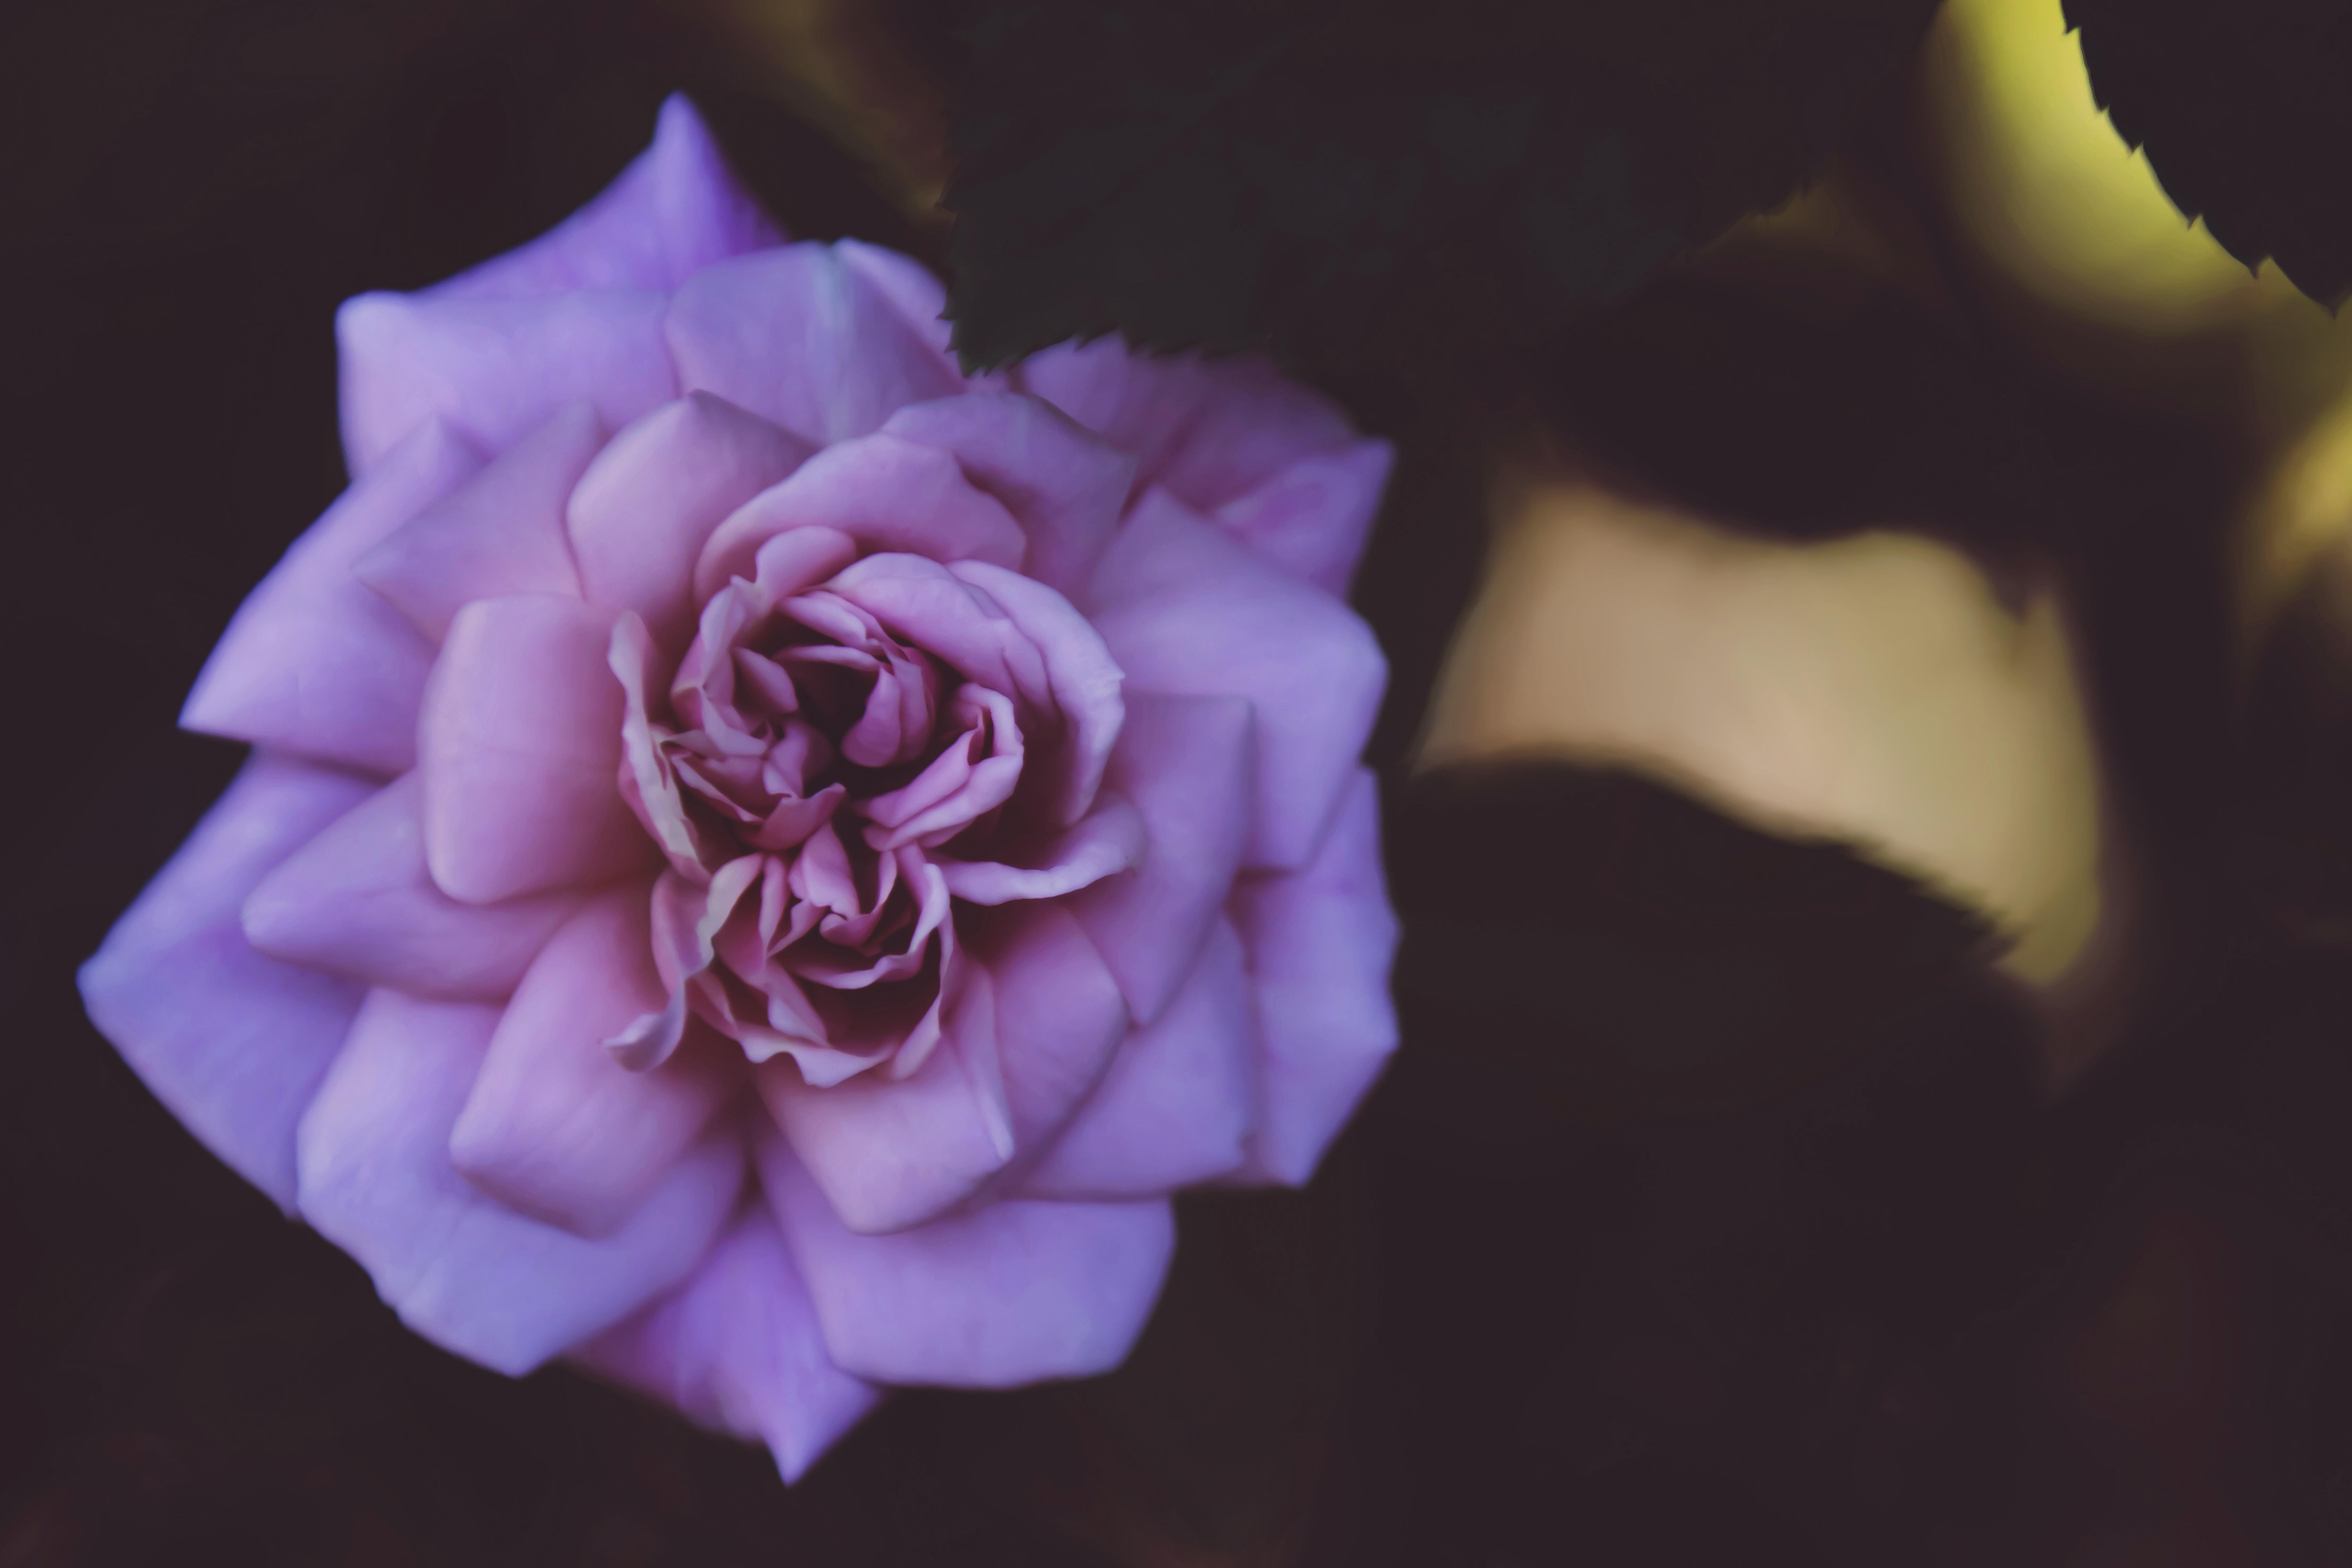 purple flower on black surface